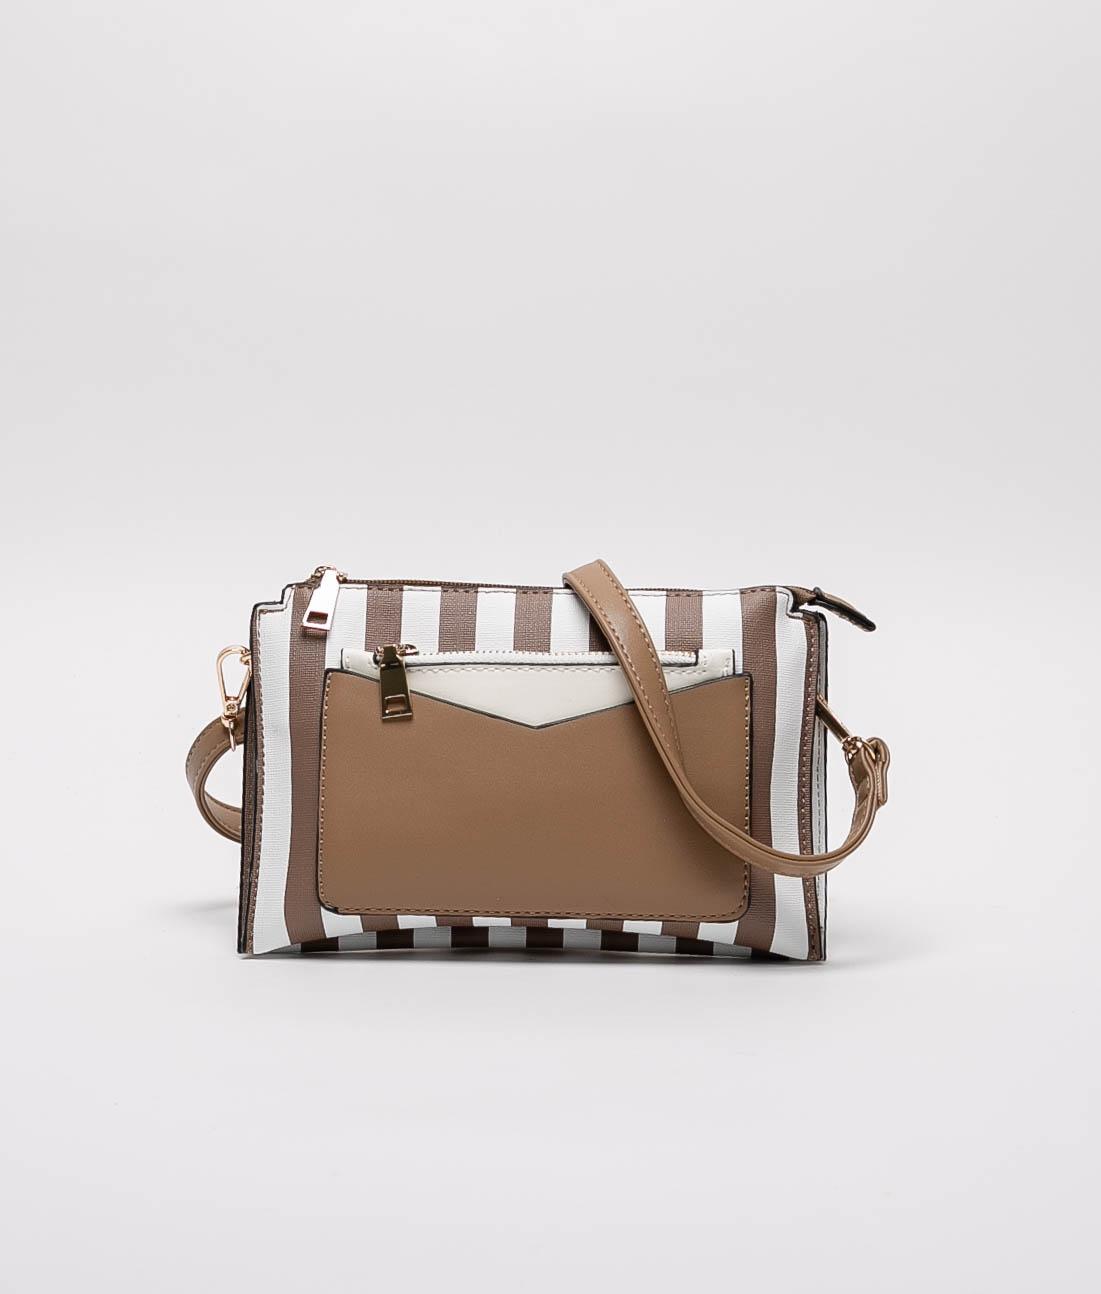 Jail Shoulder Bag - BROWN